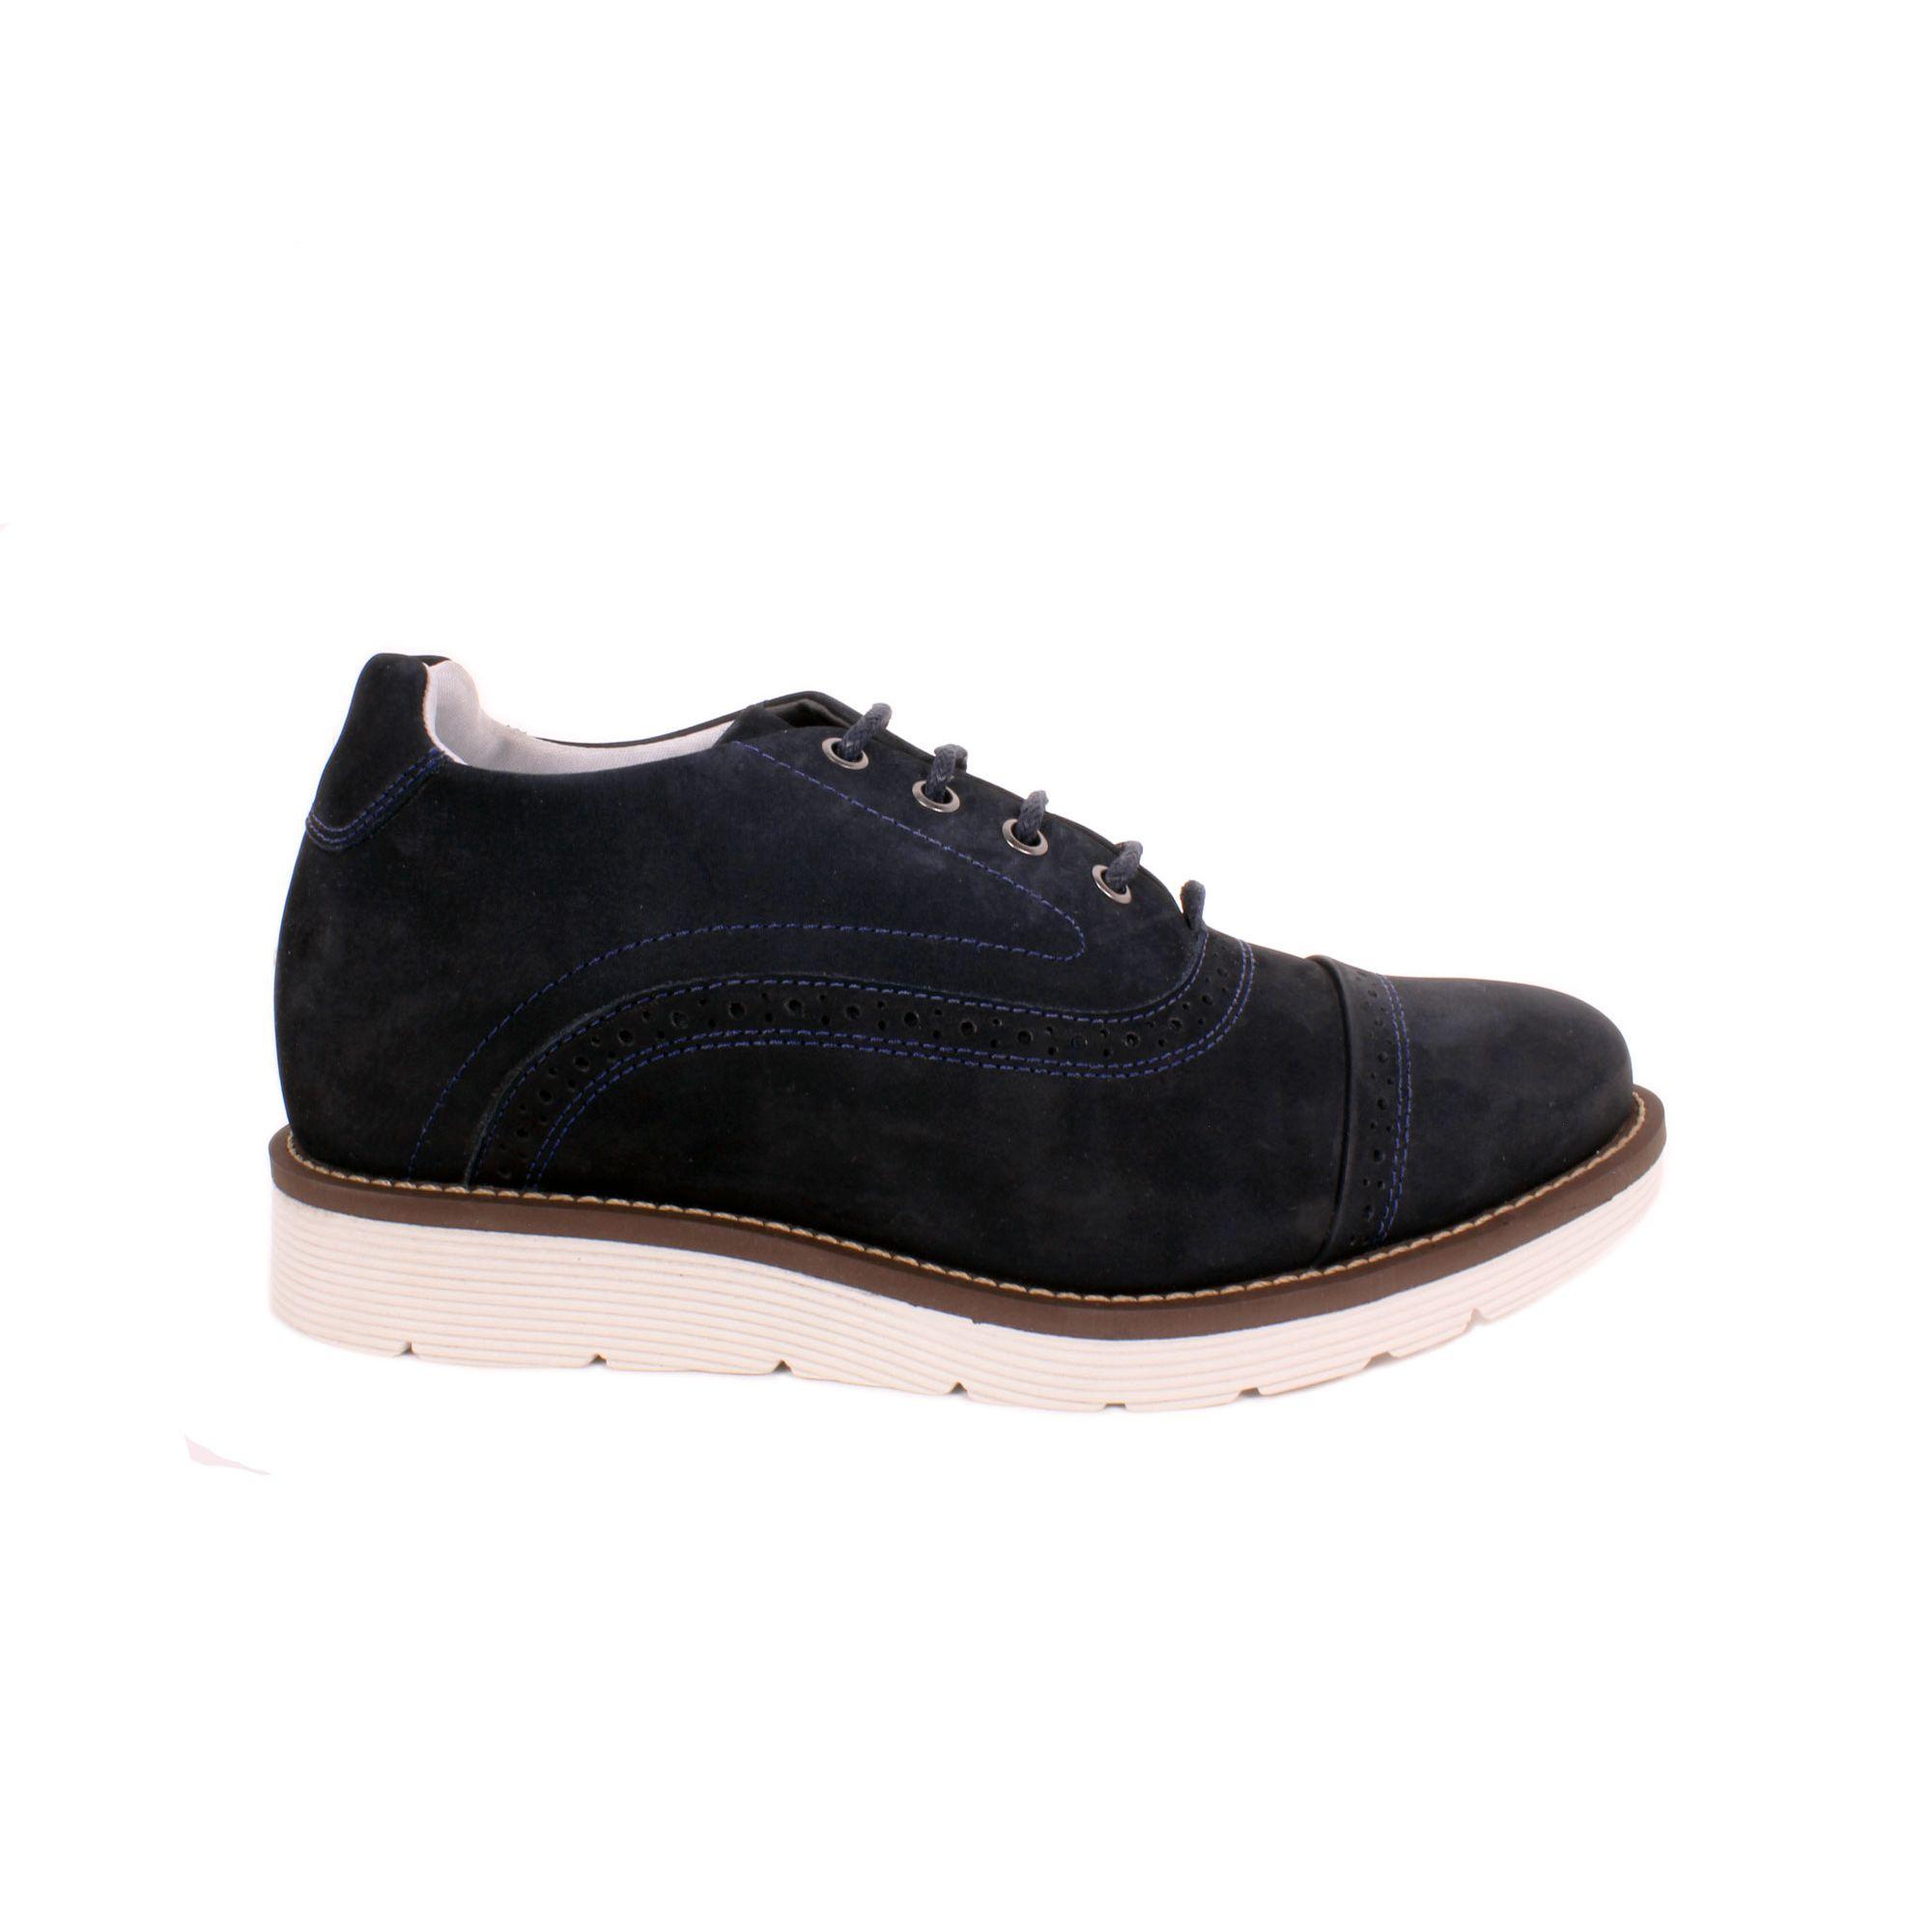 Zapato Casual Casino Azul Max Denegri +7cms de Altura_70947